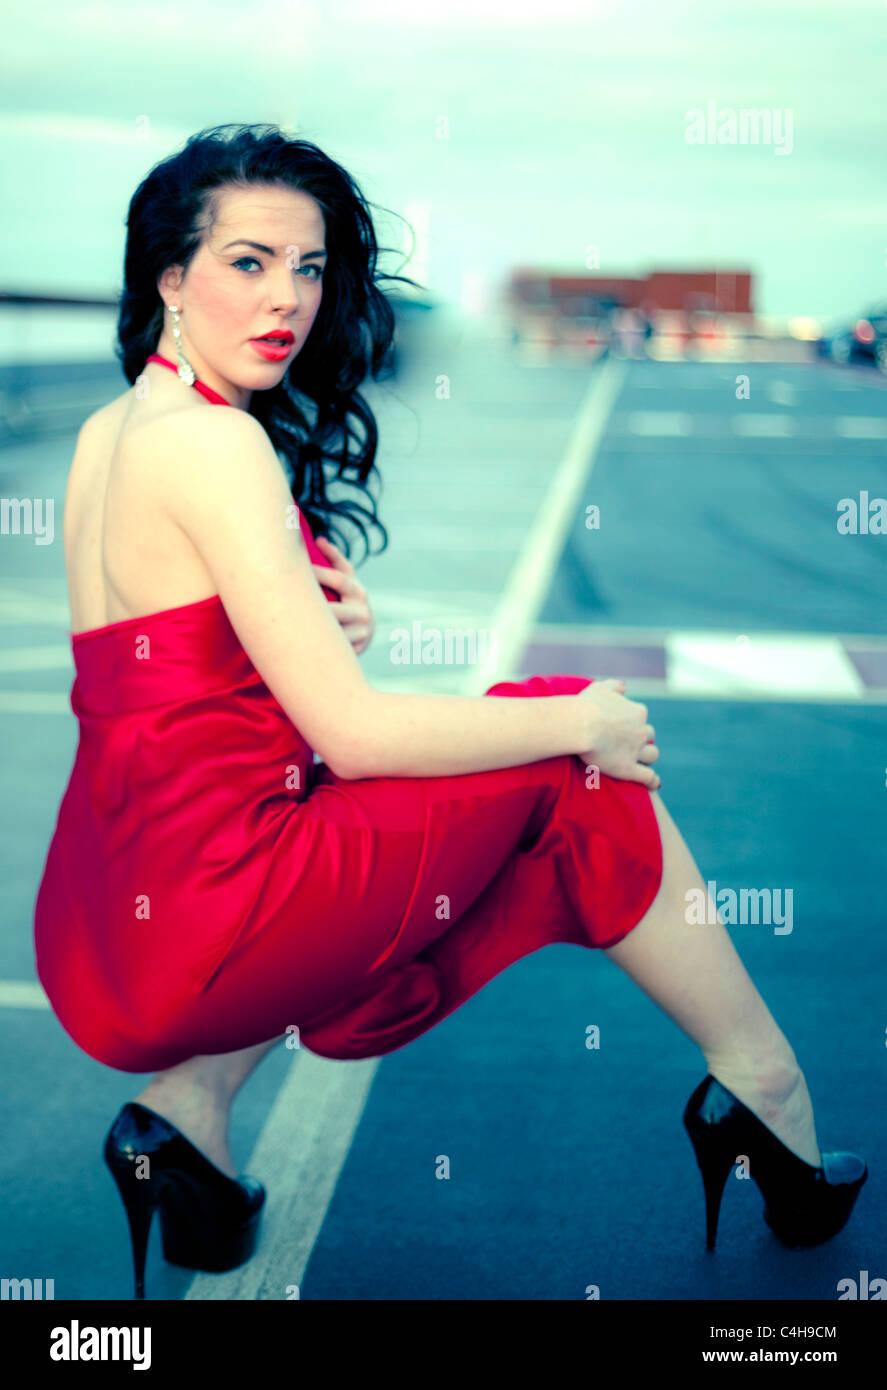 Bella mujer en cuclillas con tacones y llevaba un vestido rojo, Londres, Inglaterra, Reino Unido. Imagen De Stock